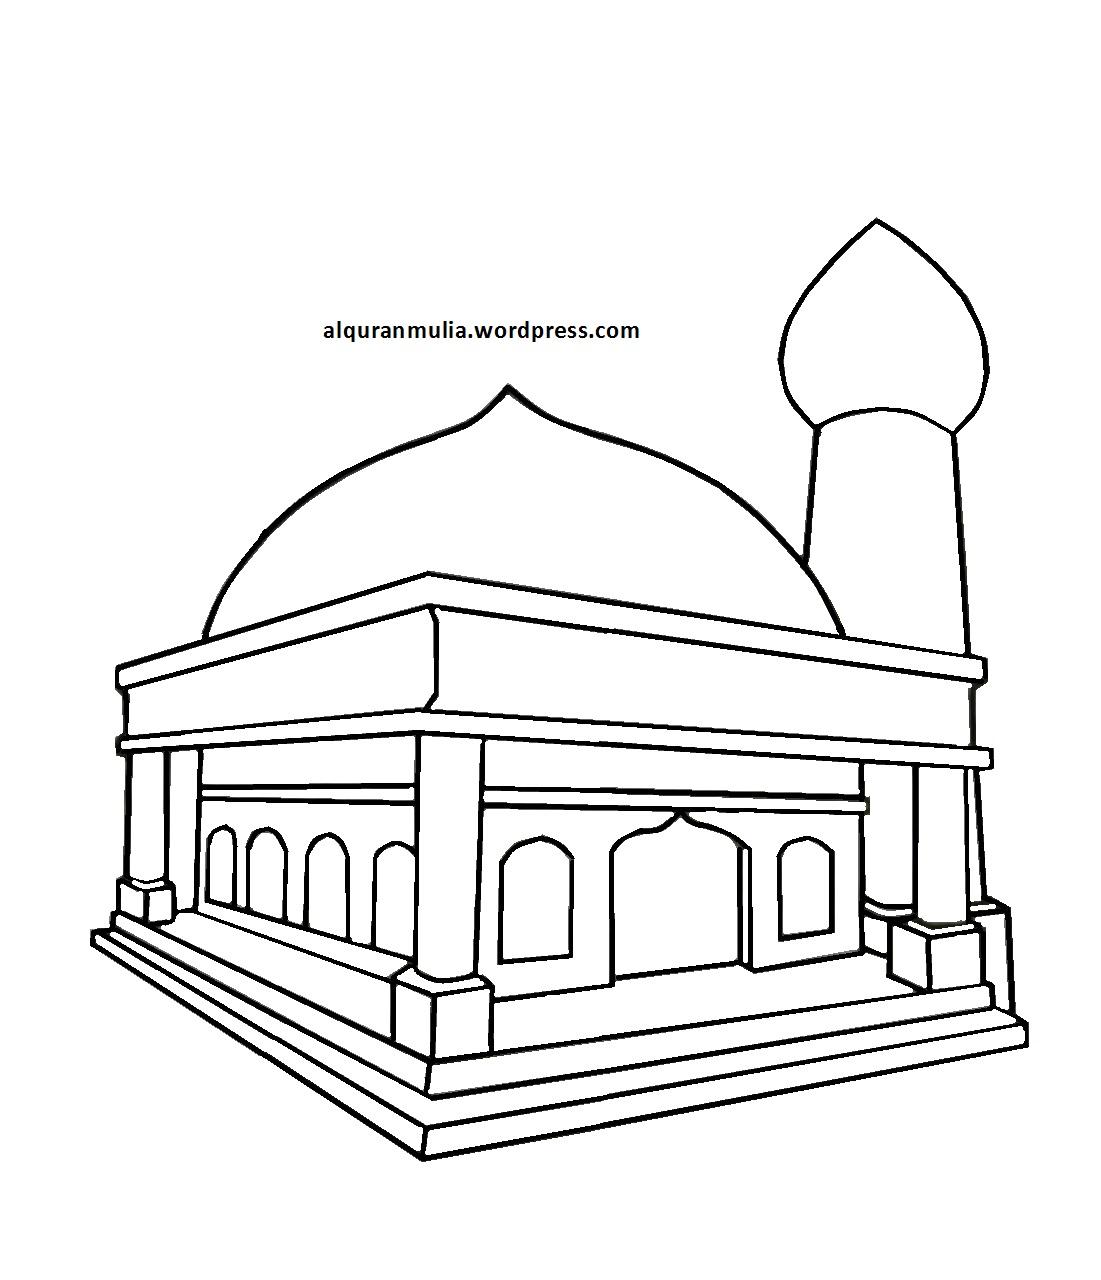 Kumpulan Gambar Masjid Kartun Hitam Putih Terbaru